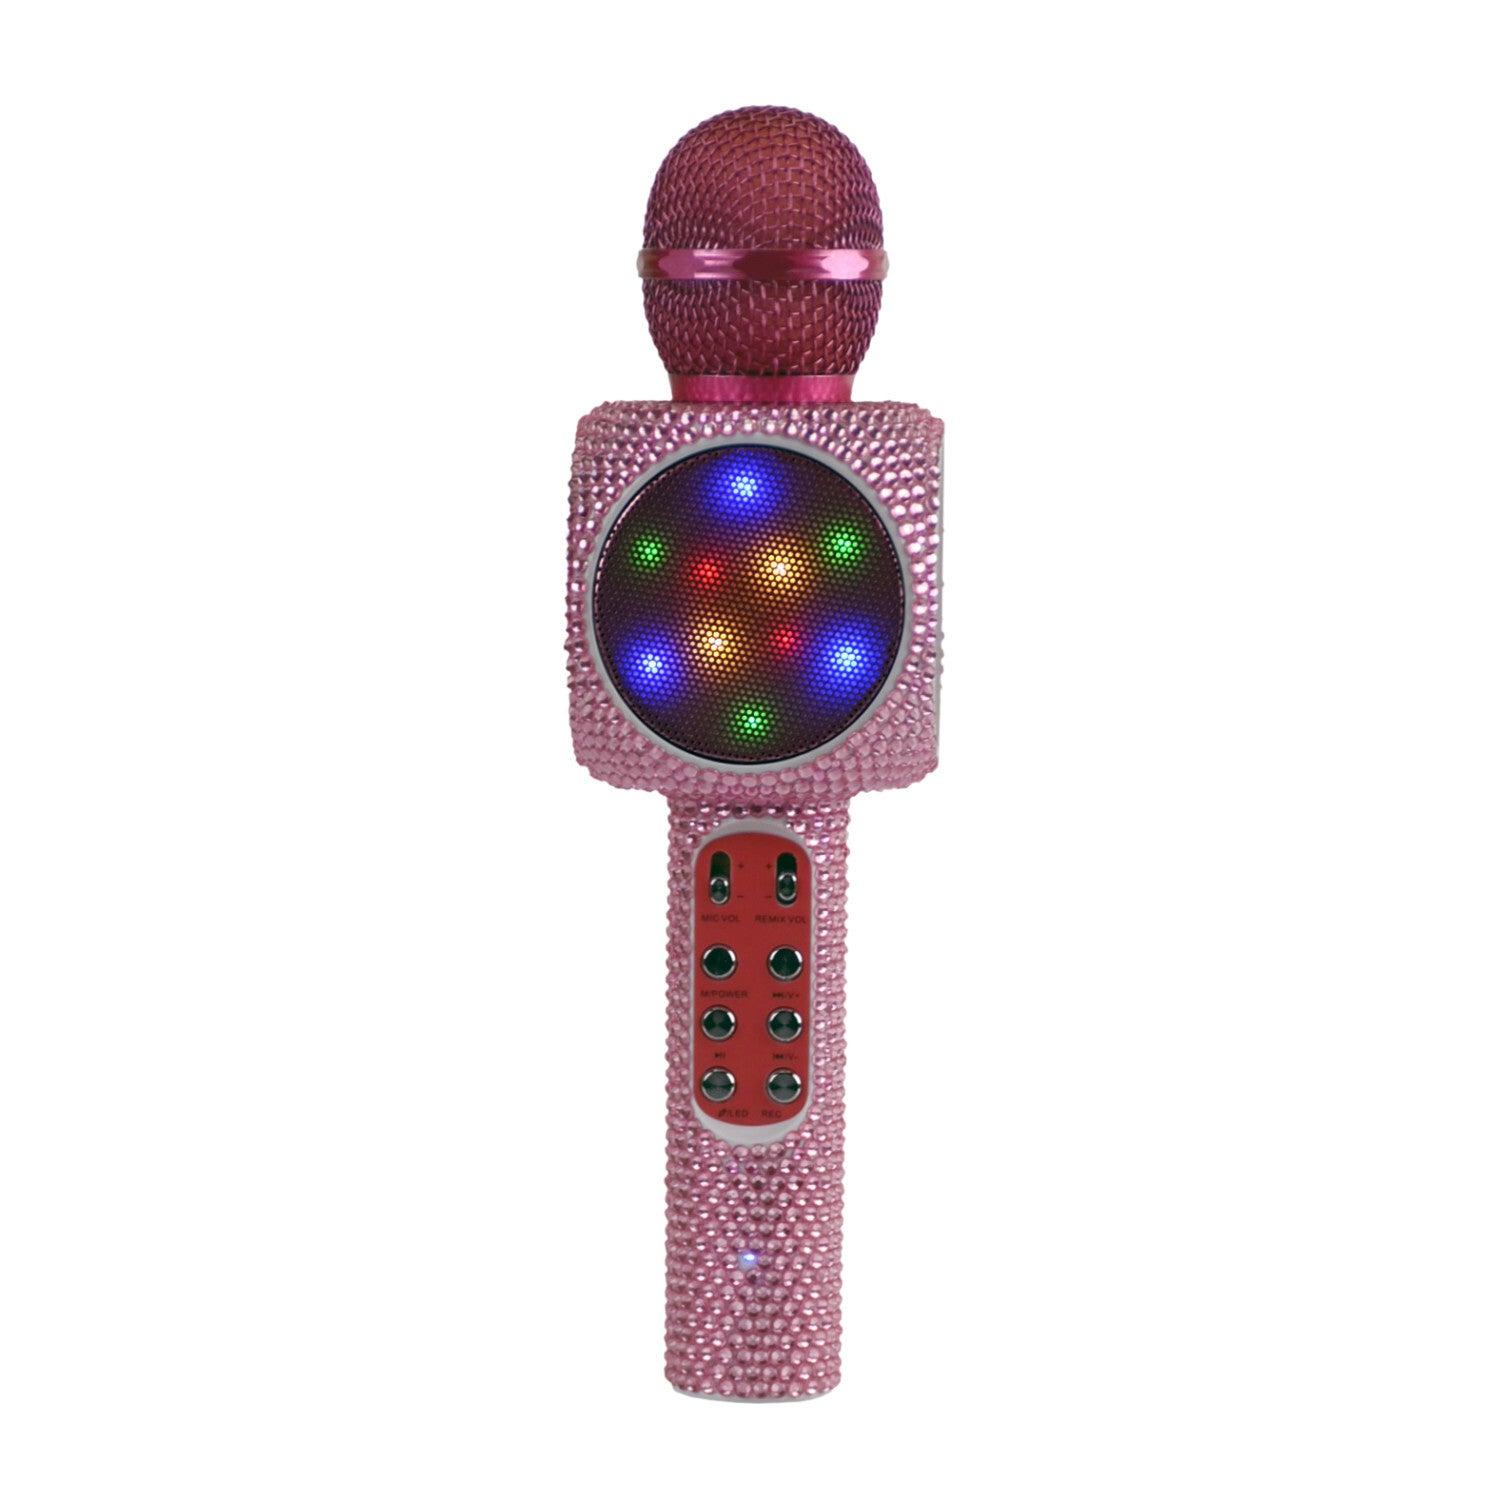 Sing-along Bling  Bluetooth Karaoke Microphone, Pink Bling